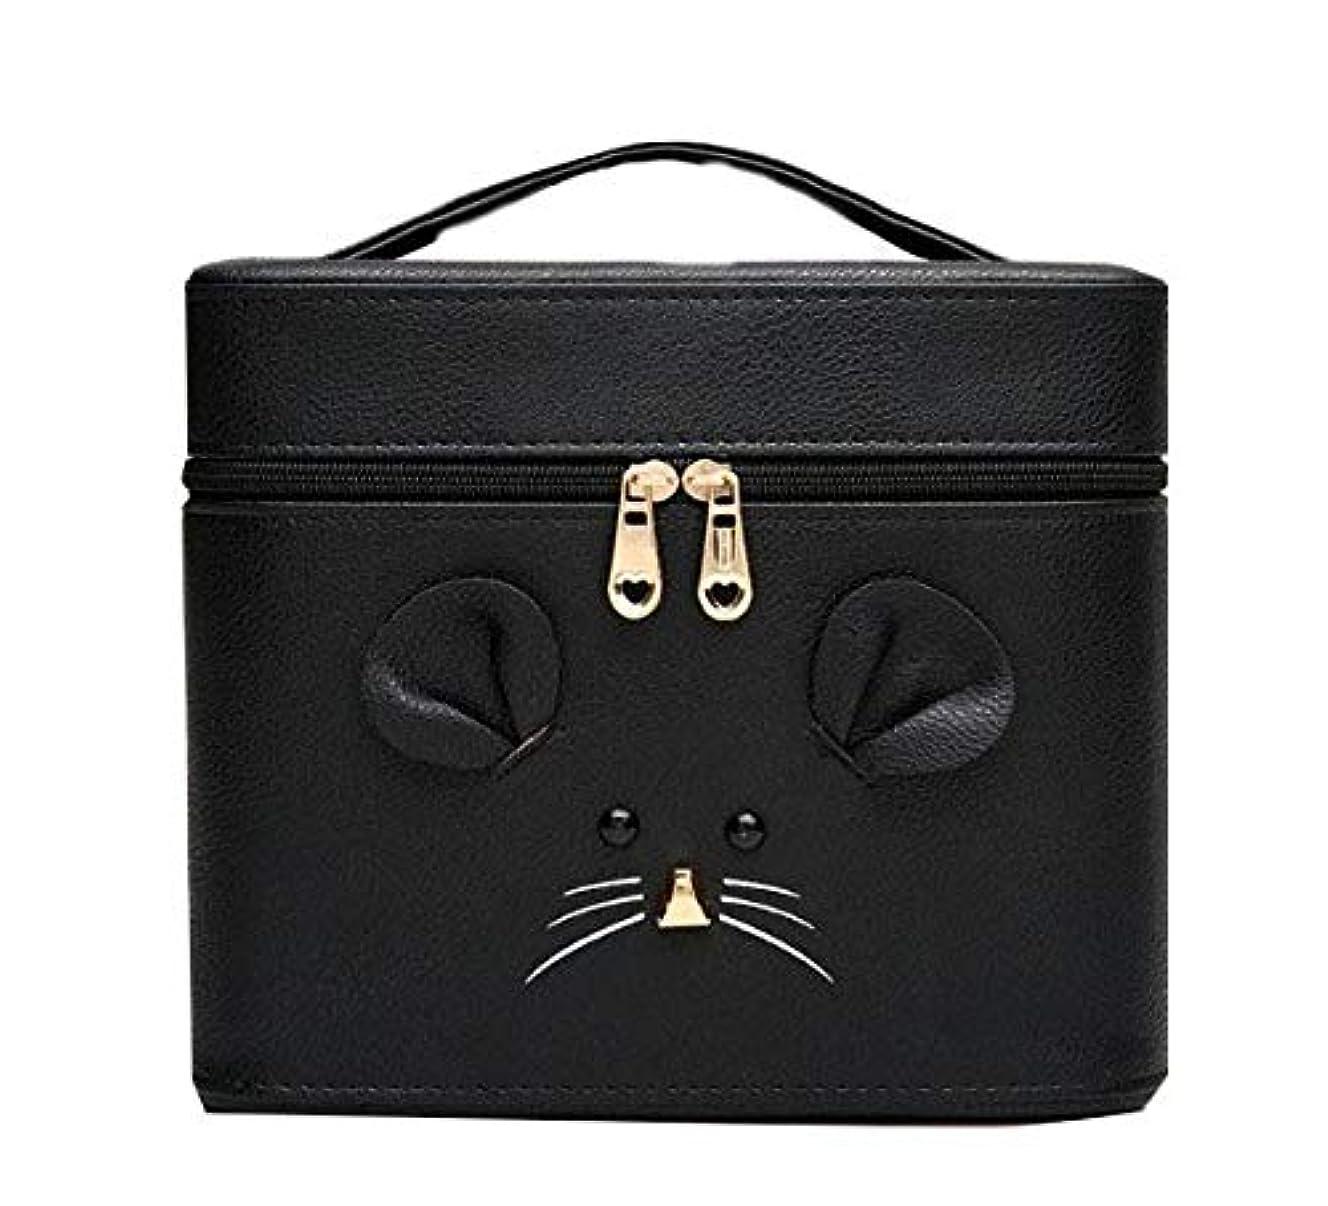 底パワー再編成する化粧箱、黒漫画のマウス化粧ケース、ポータブル旅行化粧品ケース、美容ネイルジュエリー収納ボックス (Size : S)